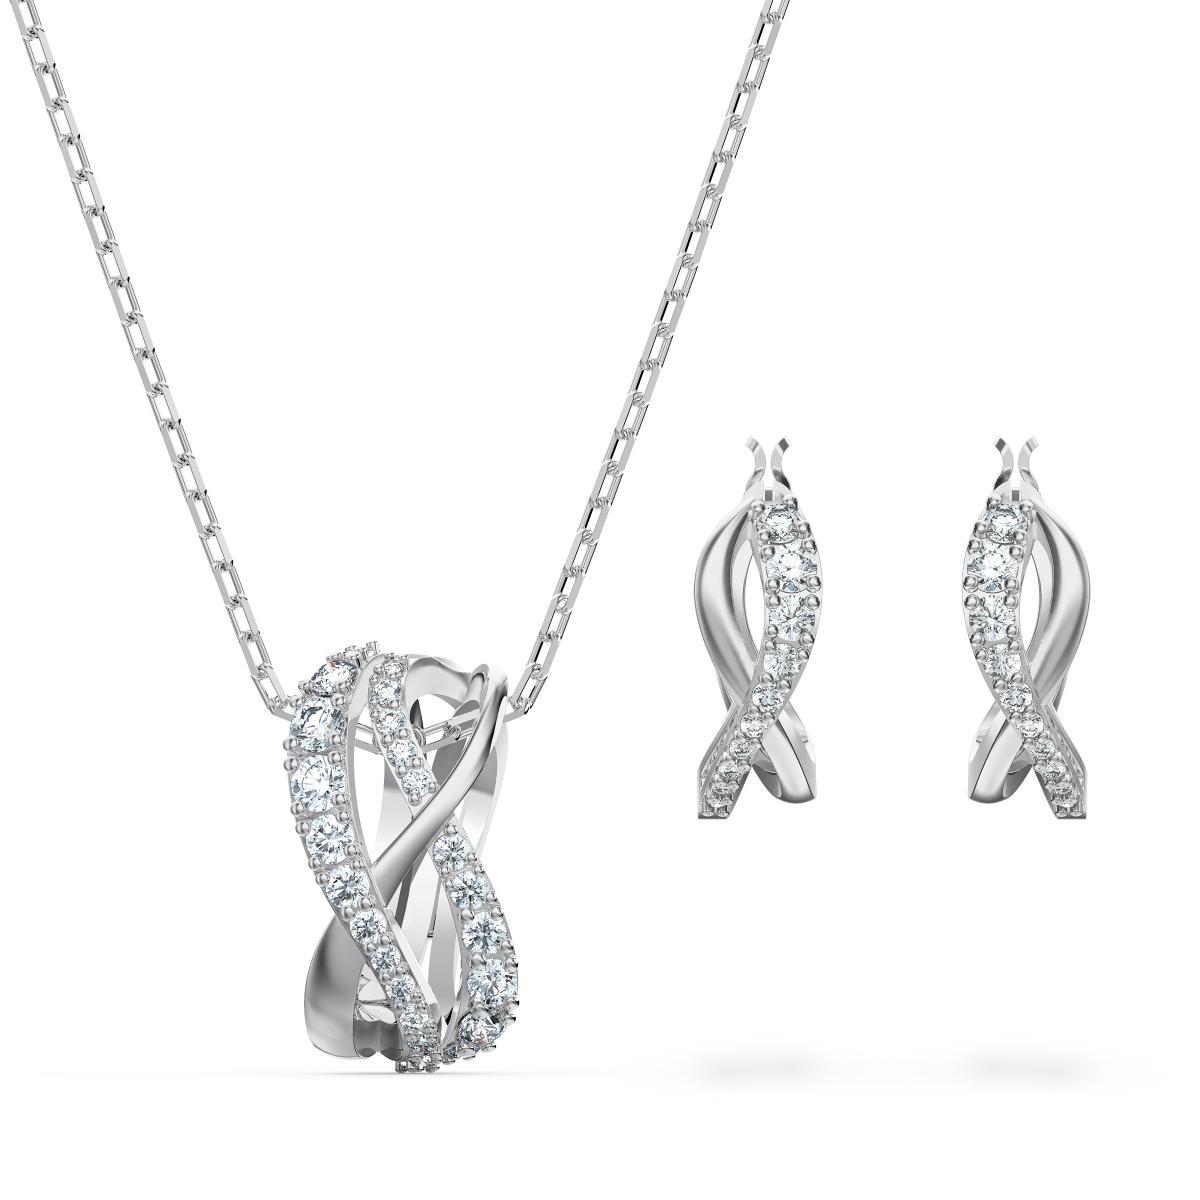 Collier et pendentif Swarovski 5579790 Femme